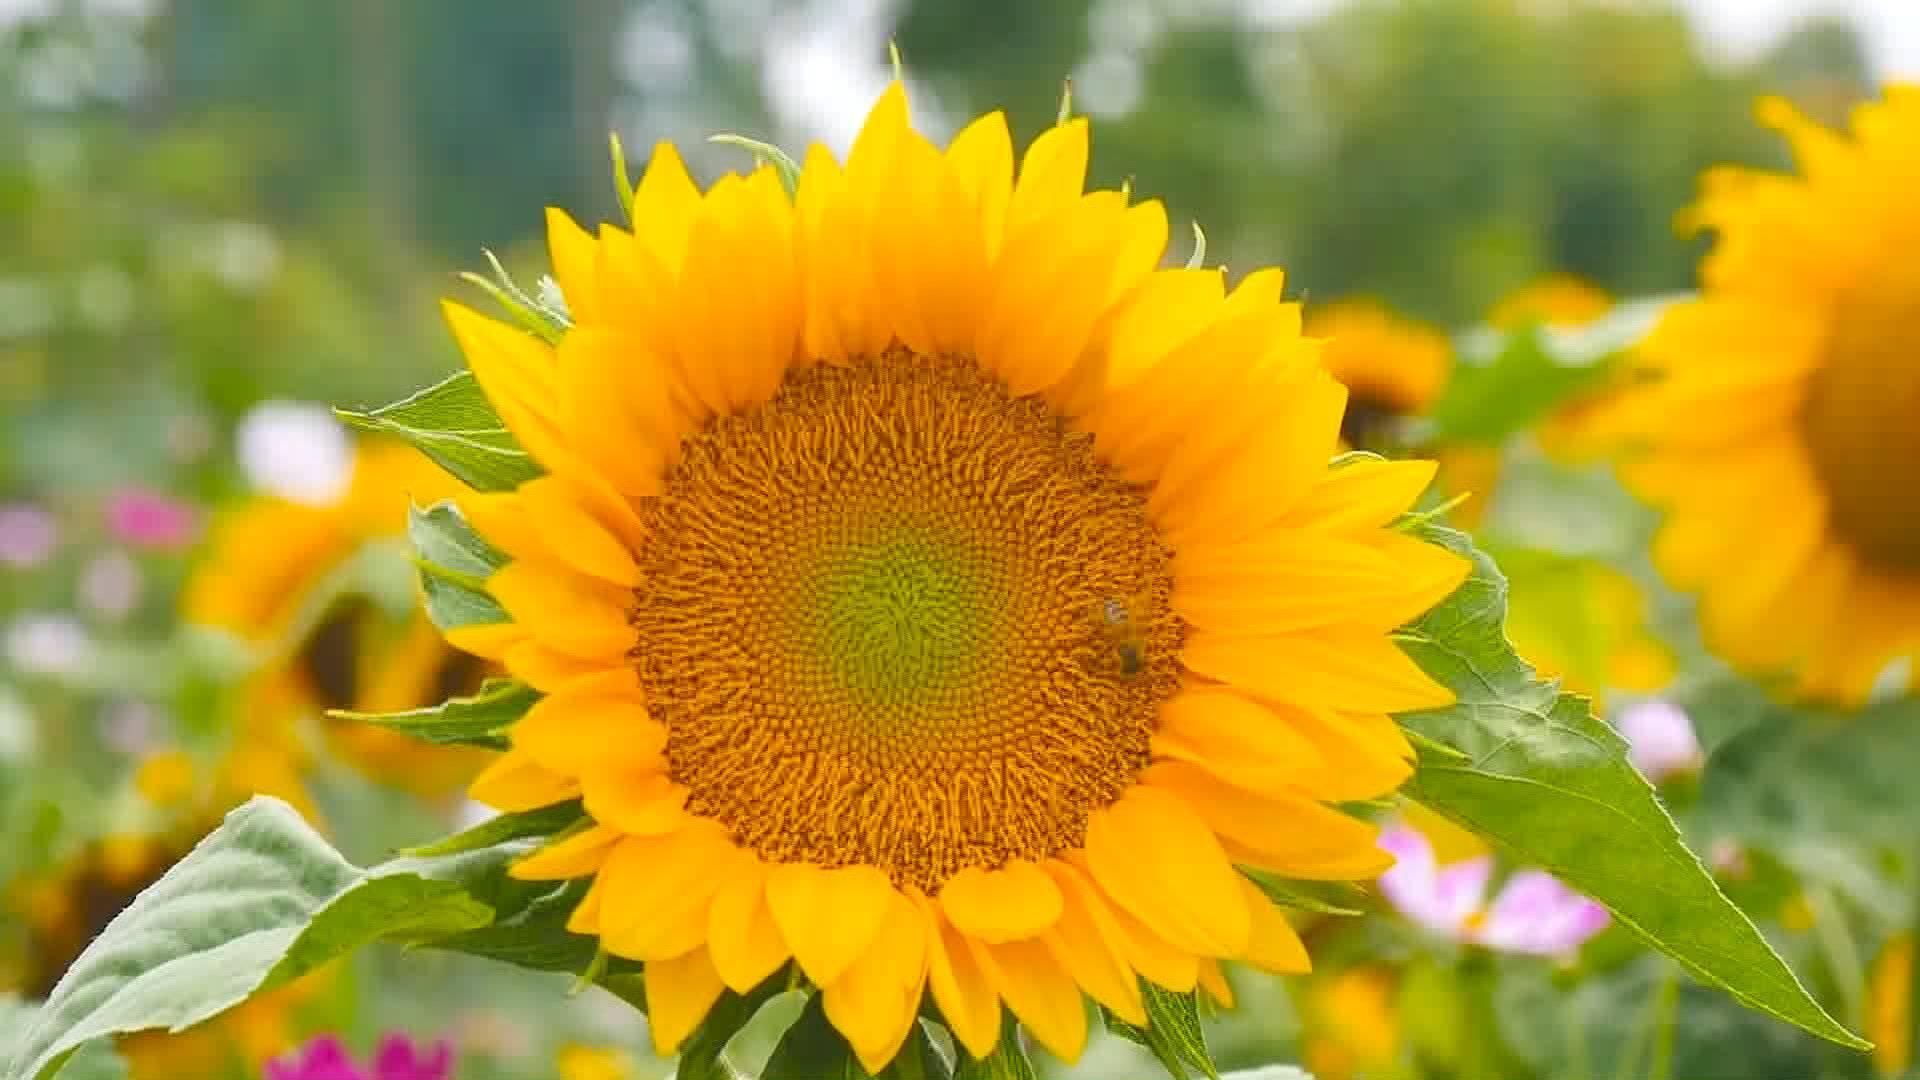 流连蜜蜂时时舞~枣庄百亩葵花向阳绽放 层层花浪犹如金色海洋